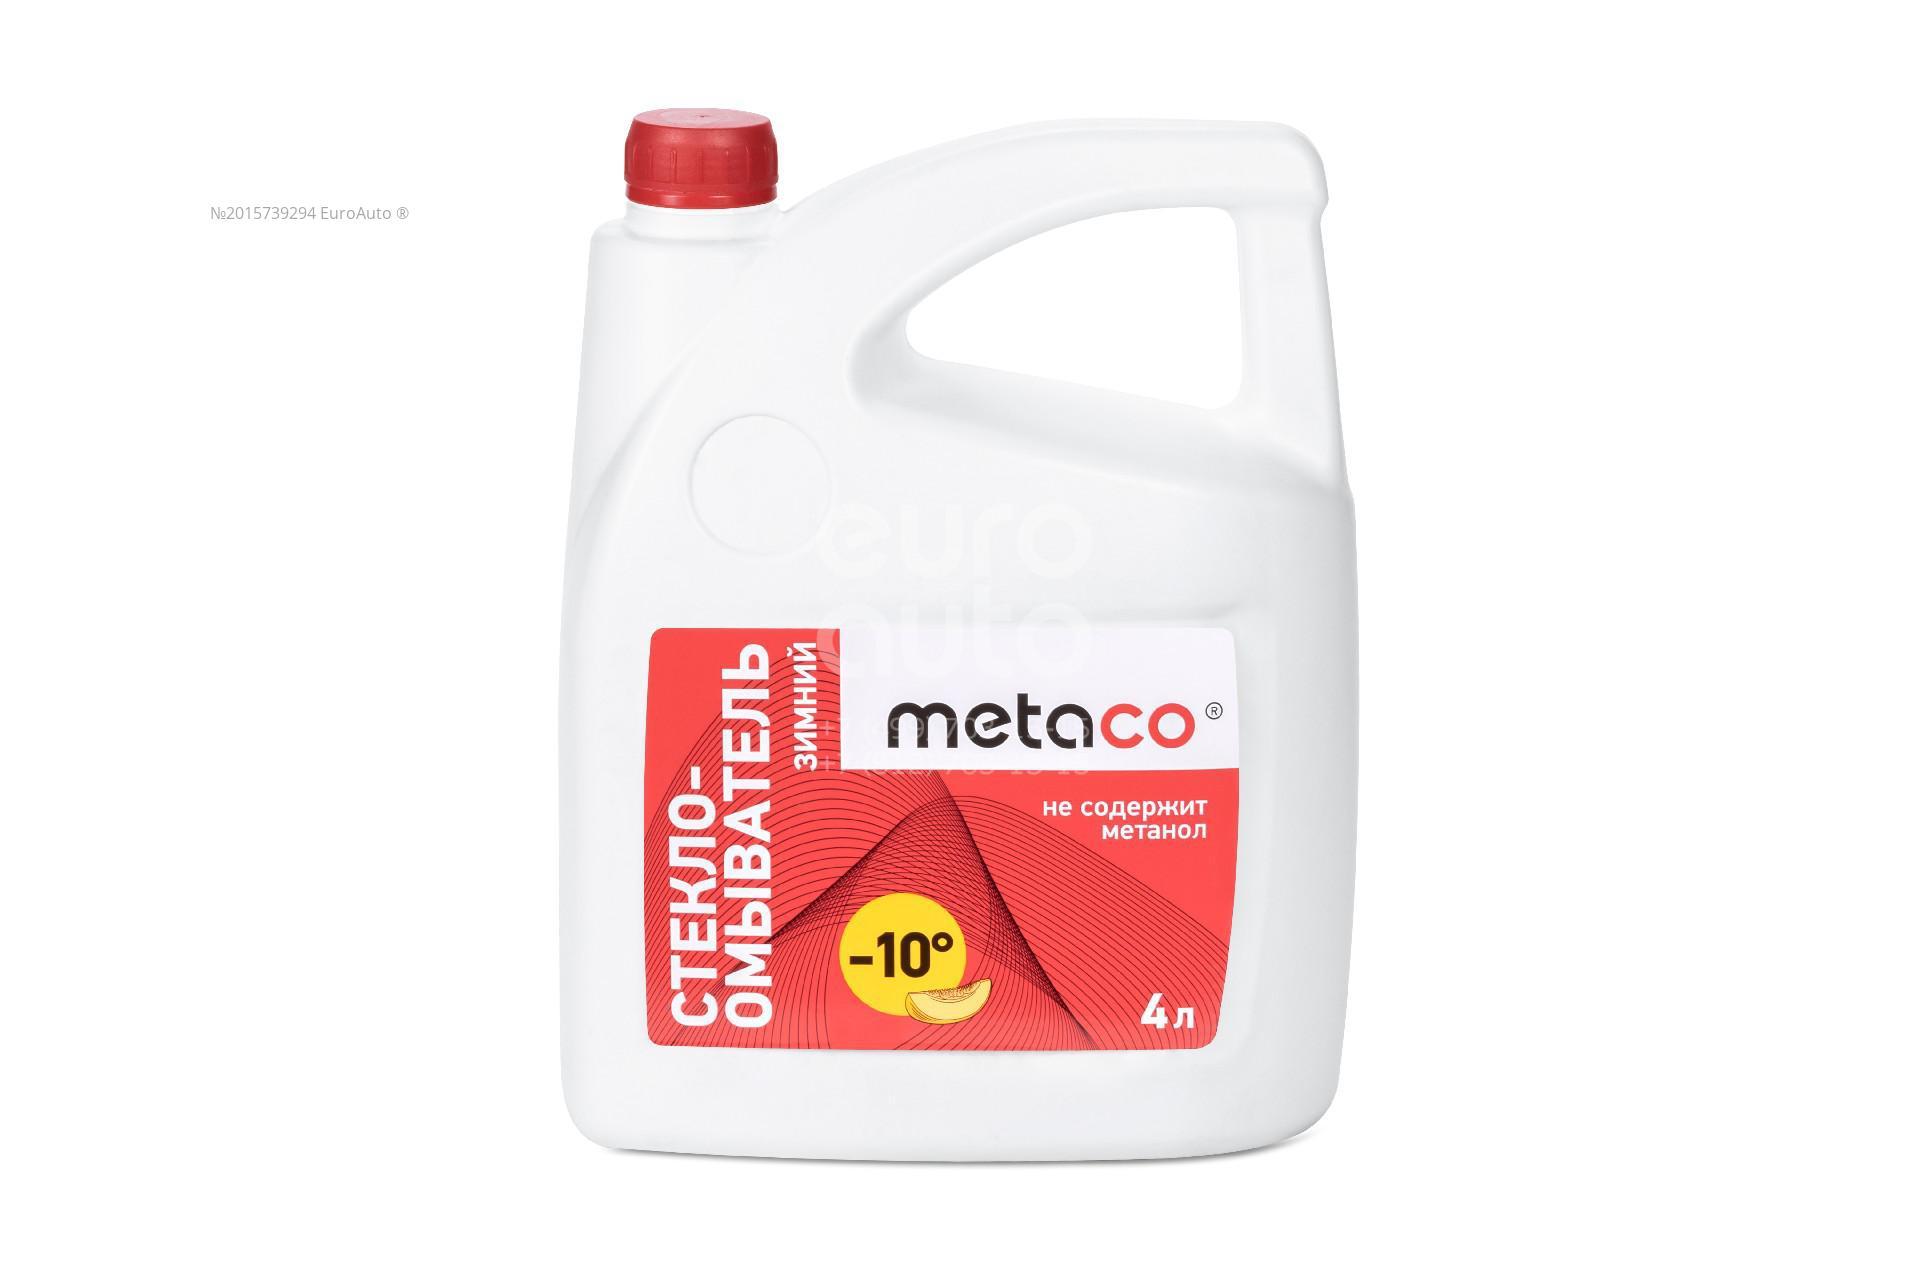 Жидкость омывателя METACO. ЗИМНЯЯ -10C 4Л - Фото №1